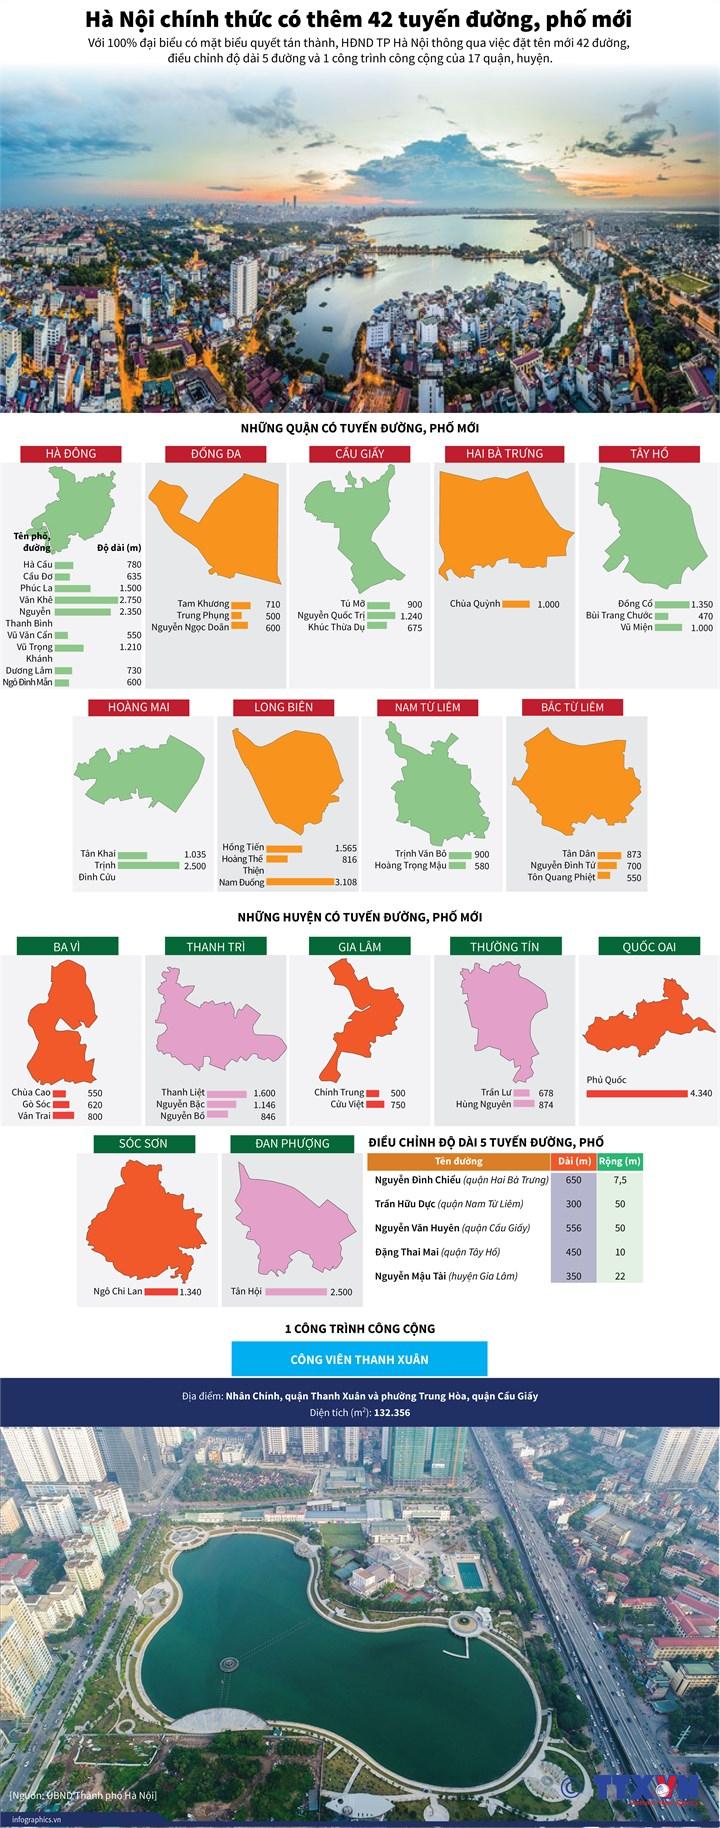 [Infographic] Hà Nội chính thức có thêm 42 tuyến đường, phố mới - Ảnh 1